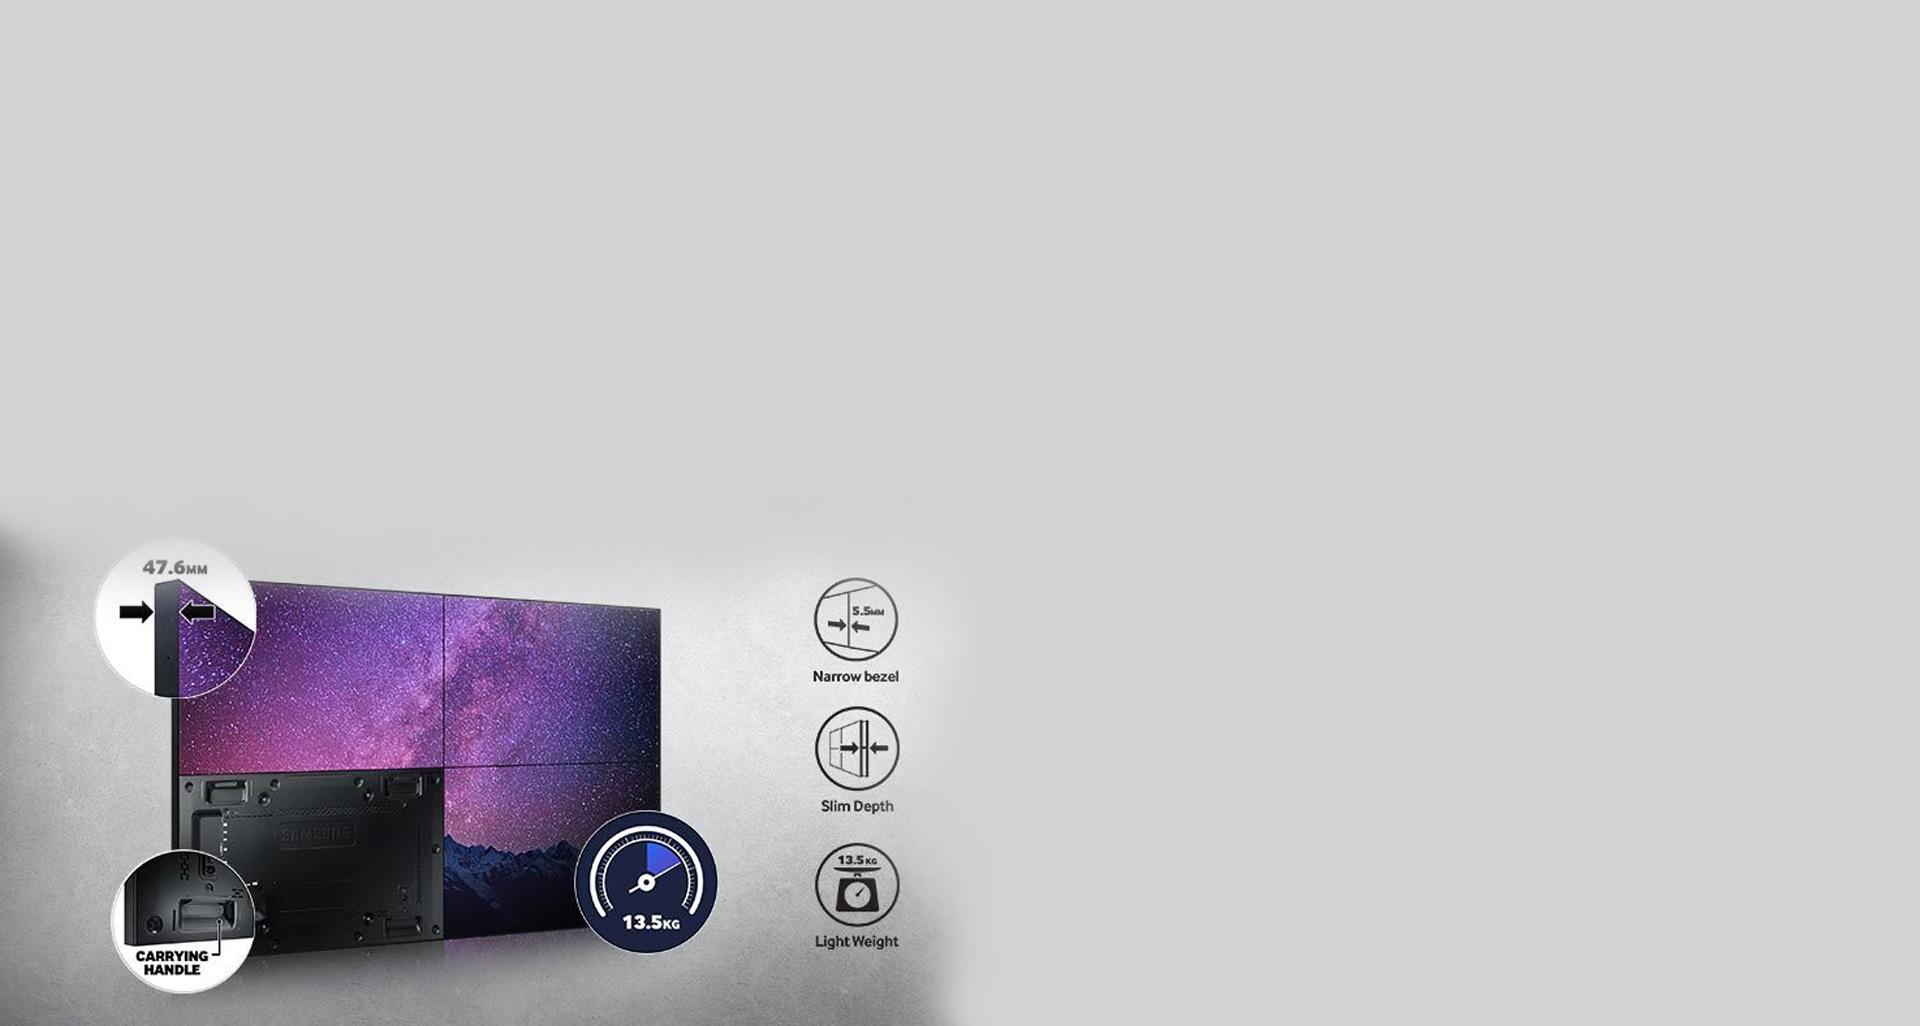 نصب و مونتاژ بسیار آسان ویدئو وال UH46F5 سامسونگ